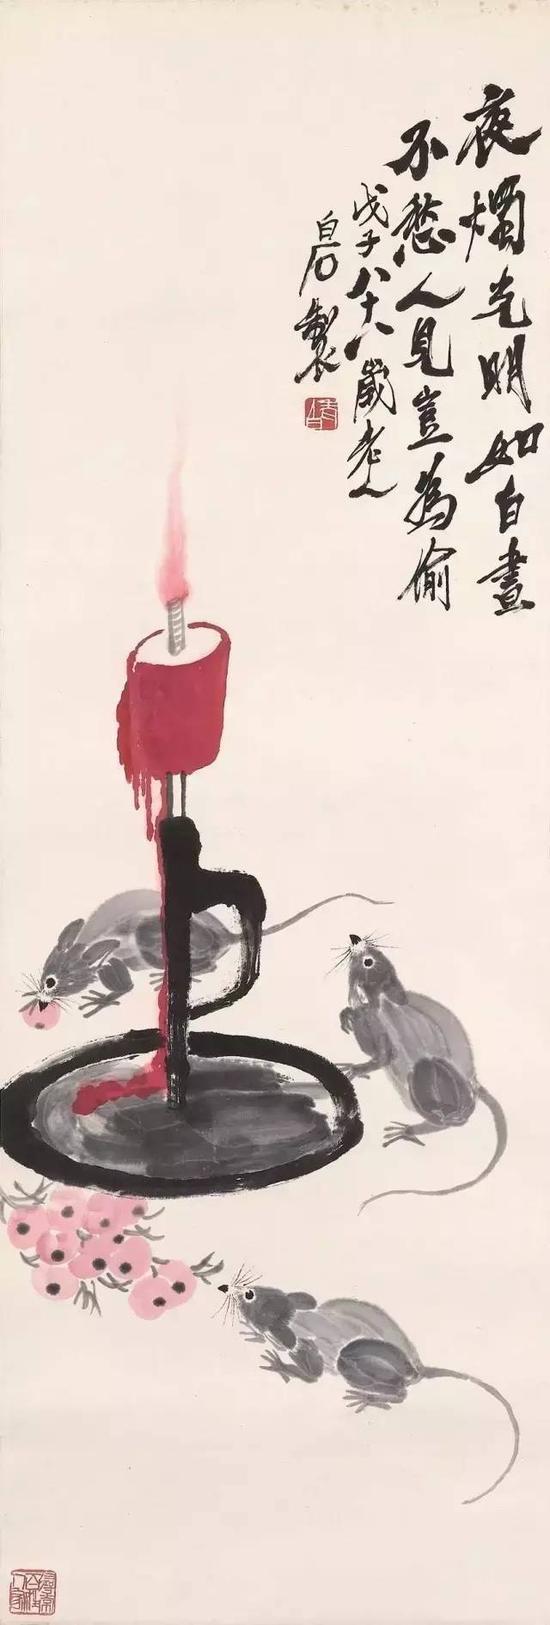 1948年作 红烛三鼠 立轴 设色纸本